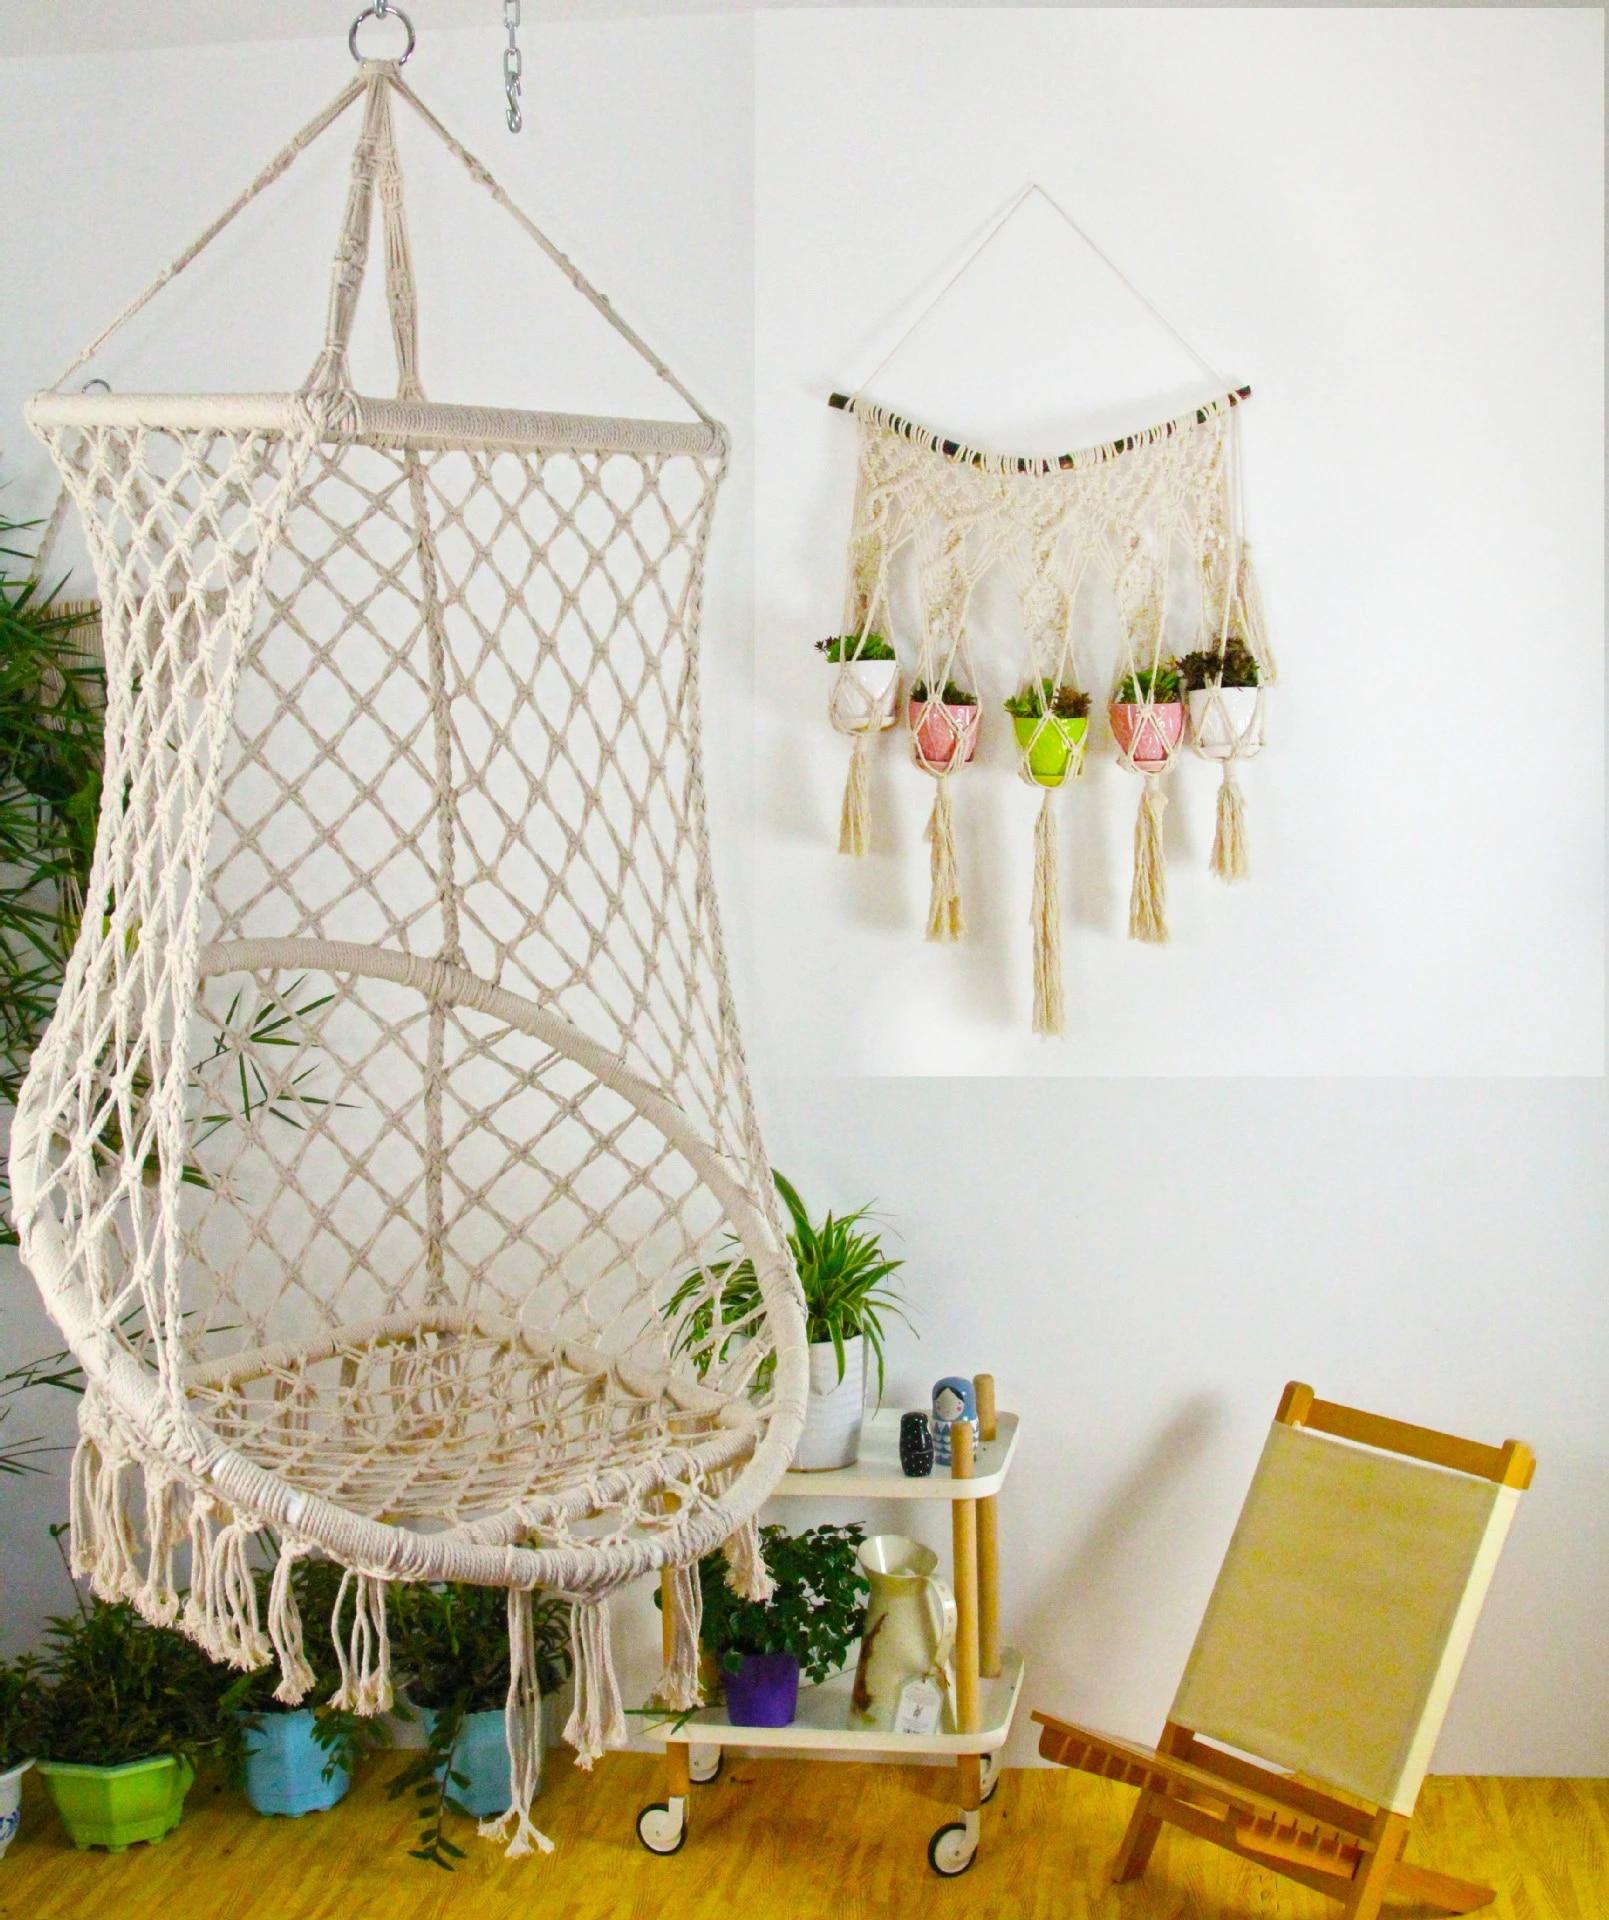 children s swing nest swing indoor outdoor swing chair outdoor furniture cotton rope garden chair